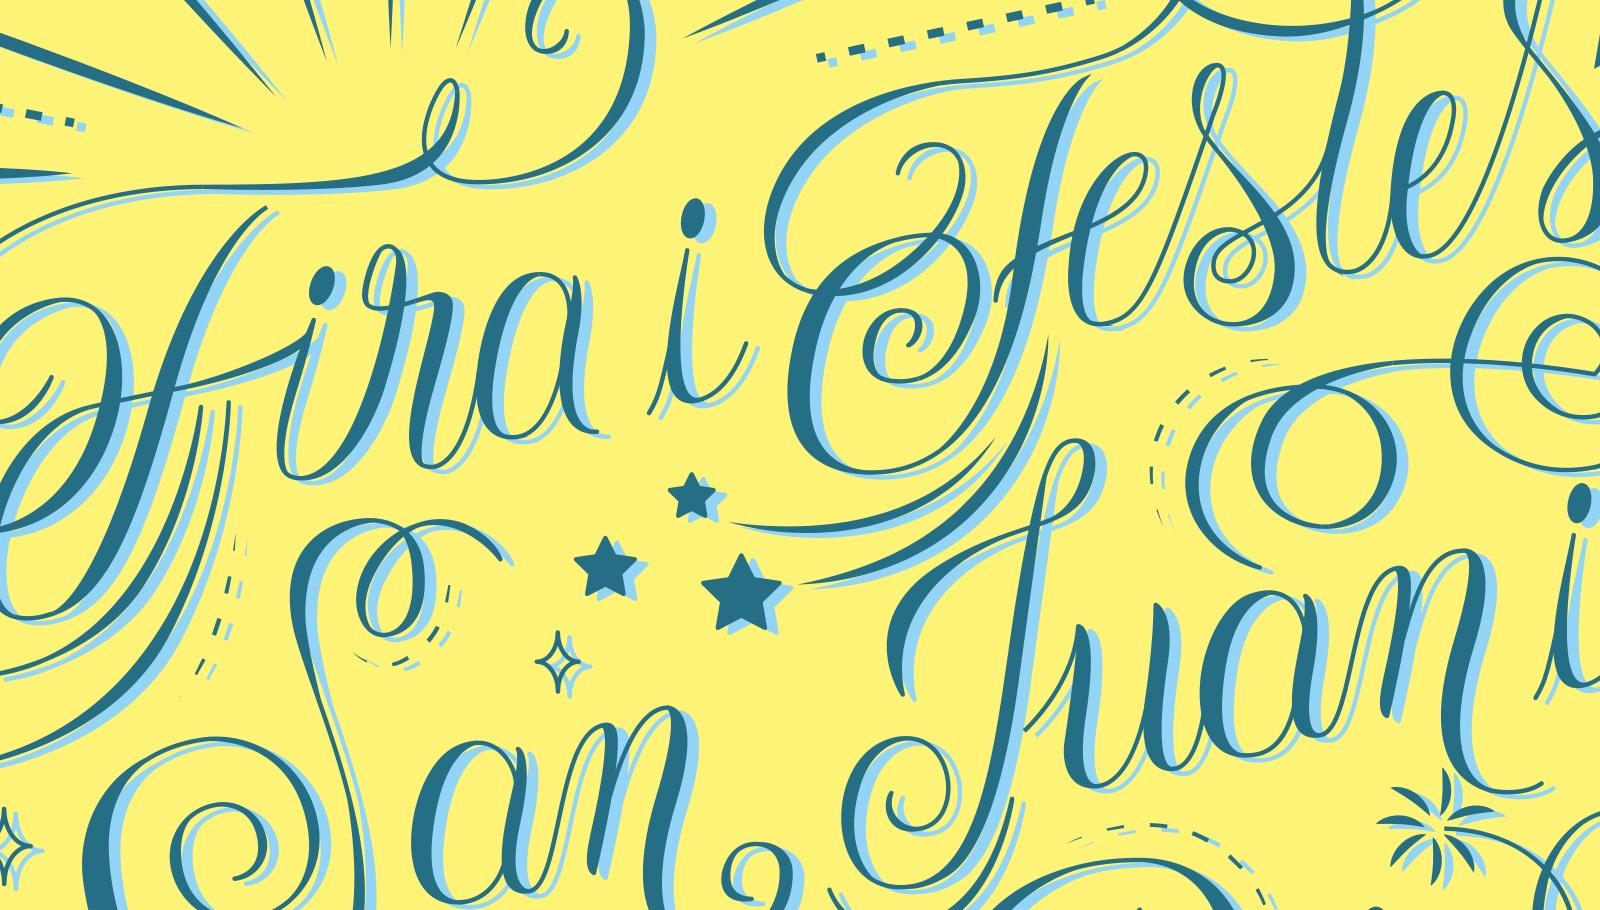 Lettering, letras a mano, tipografía creativa